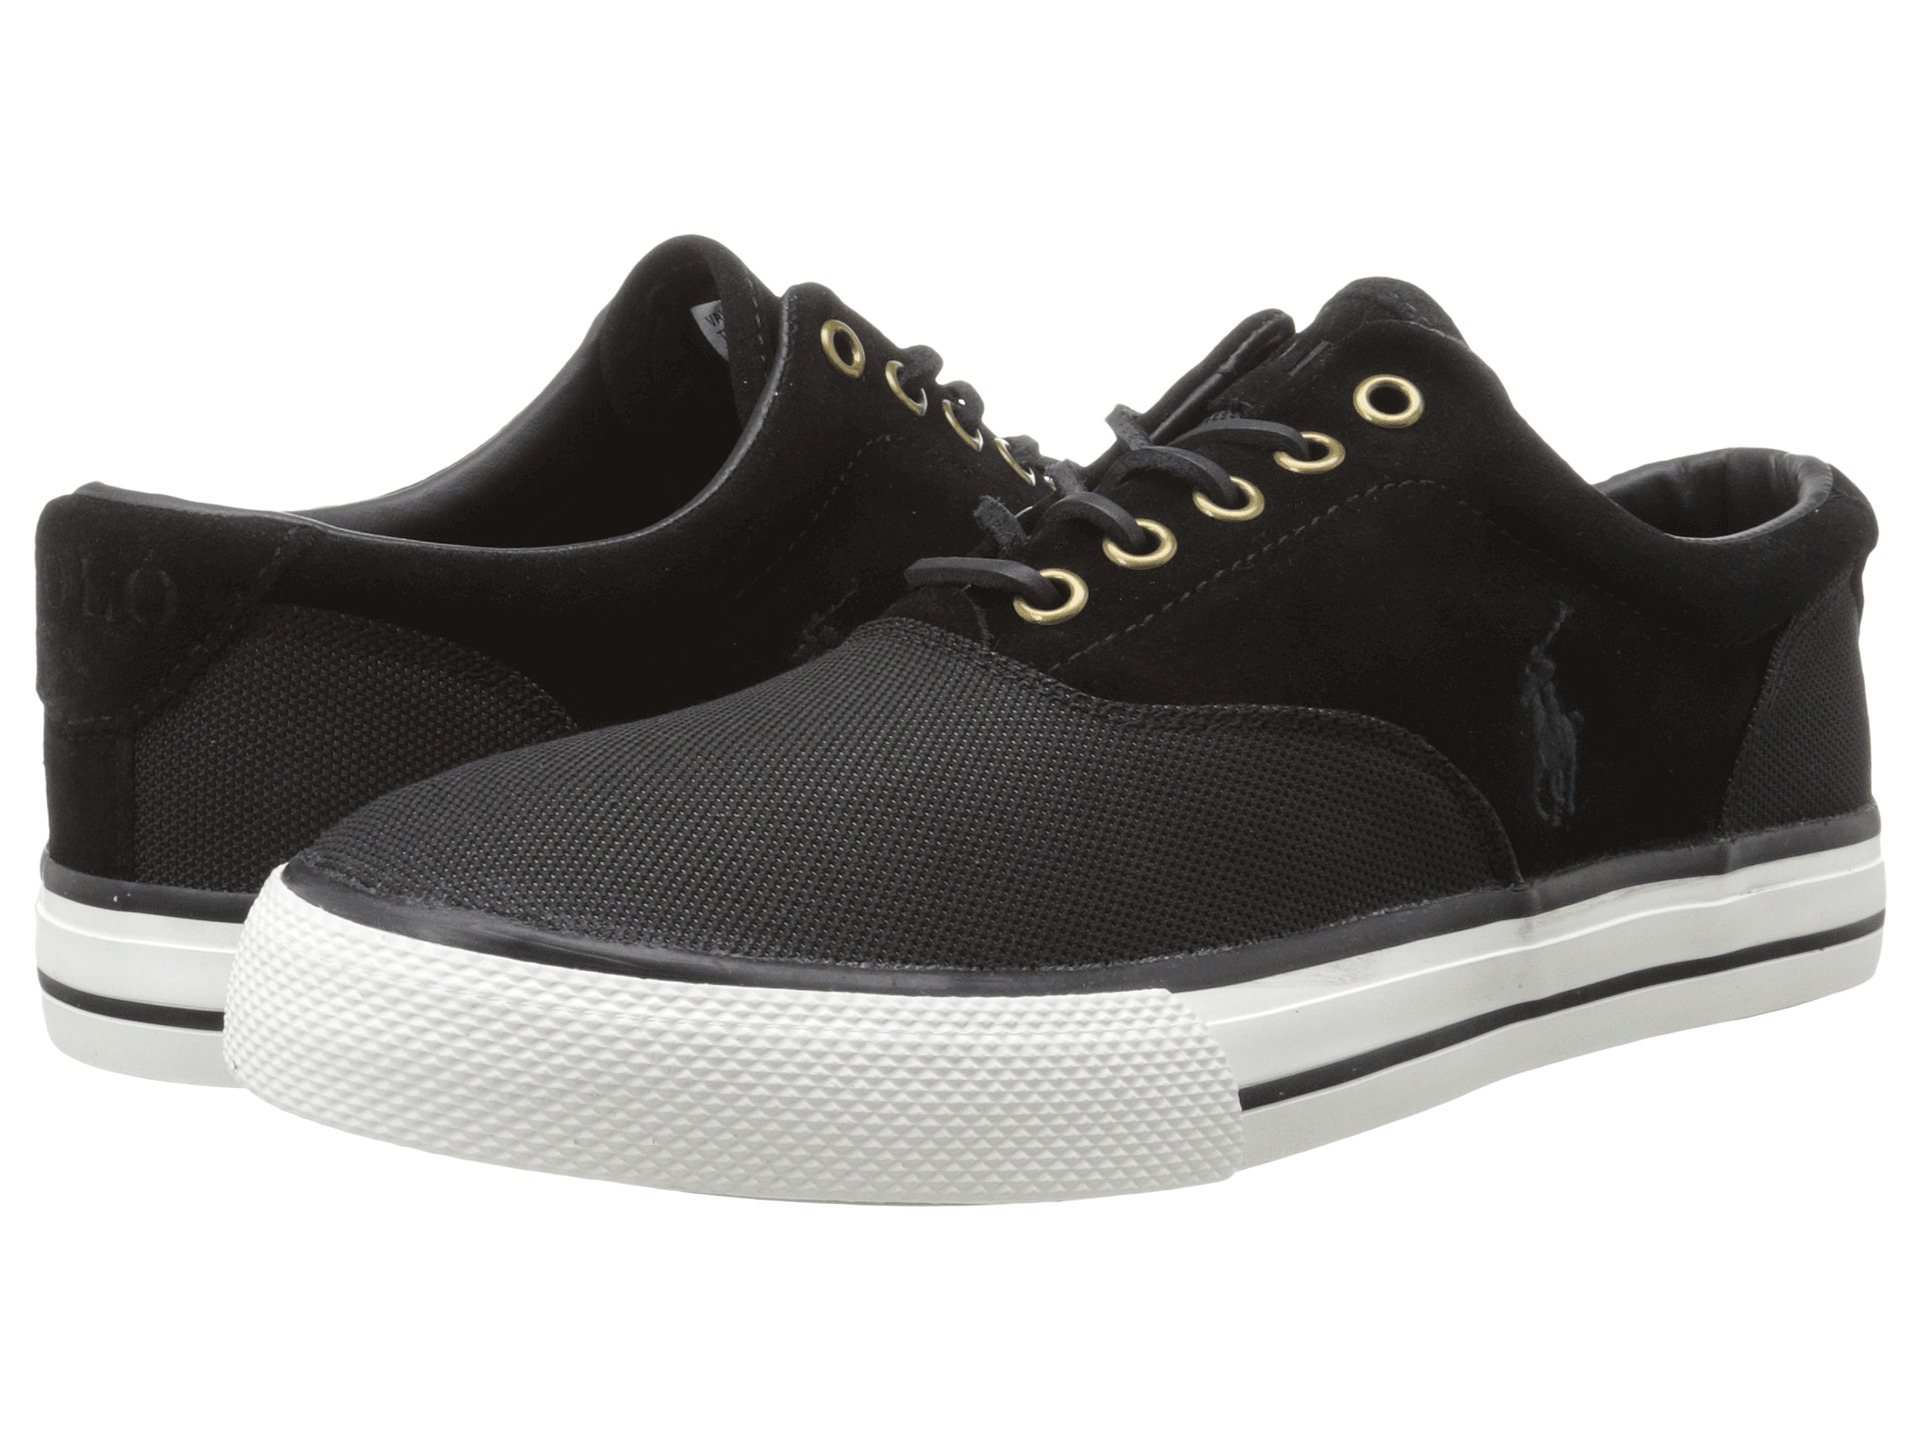 Top Fashion Mens Casual Shoes - Polo Ralph Lauren Vaughn Saddle Black Pique Nylon/Sport Suede